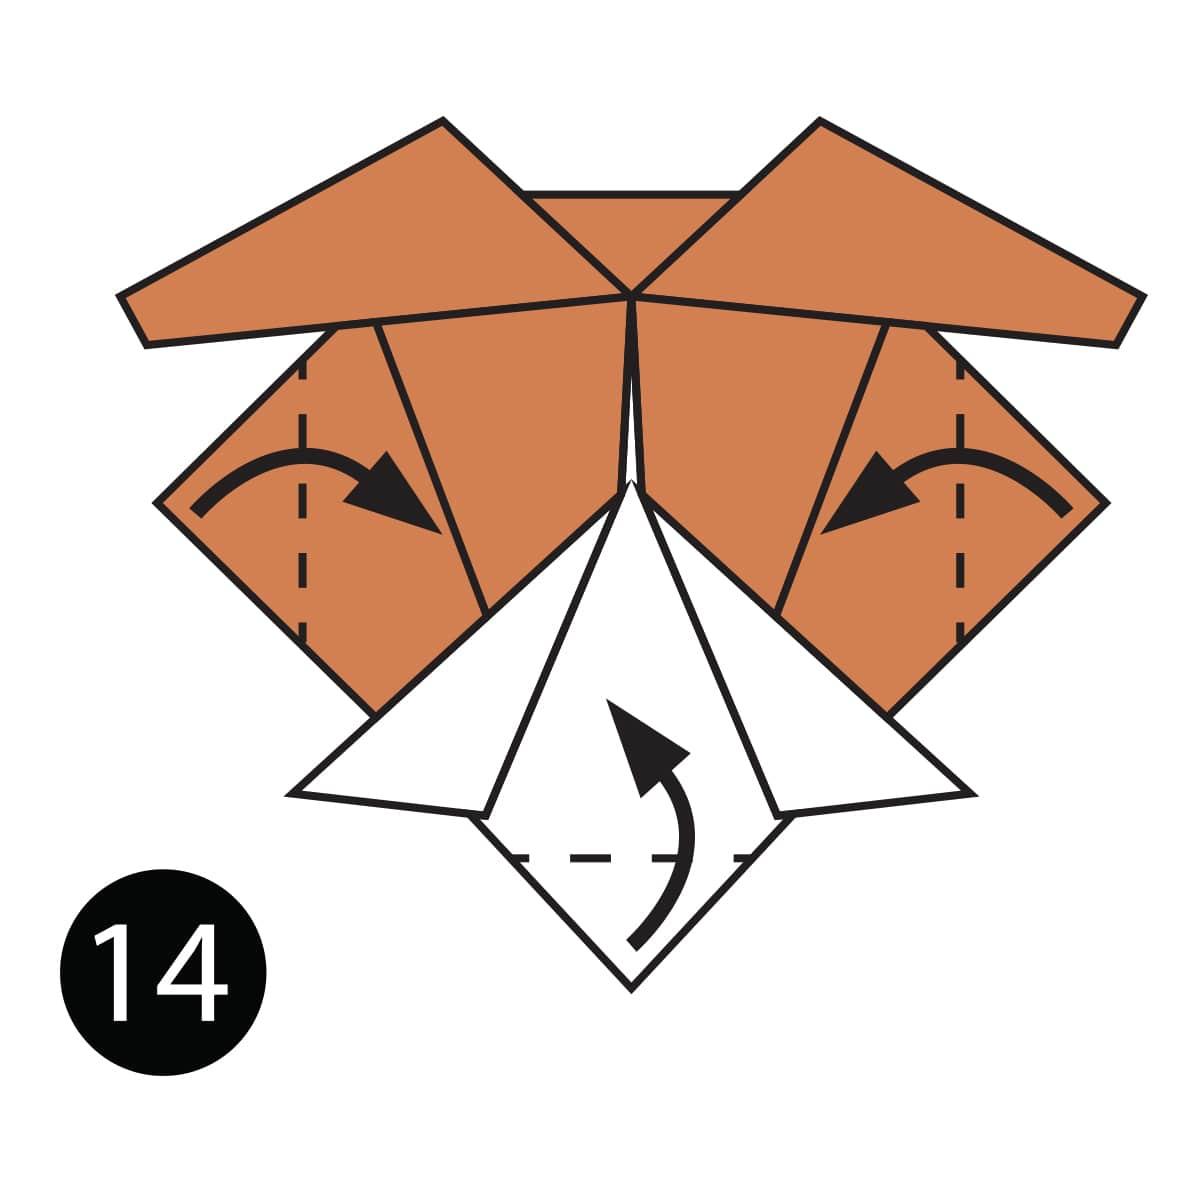 Turtle Step 14